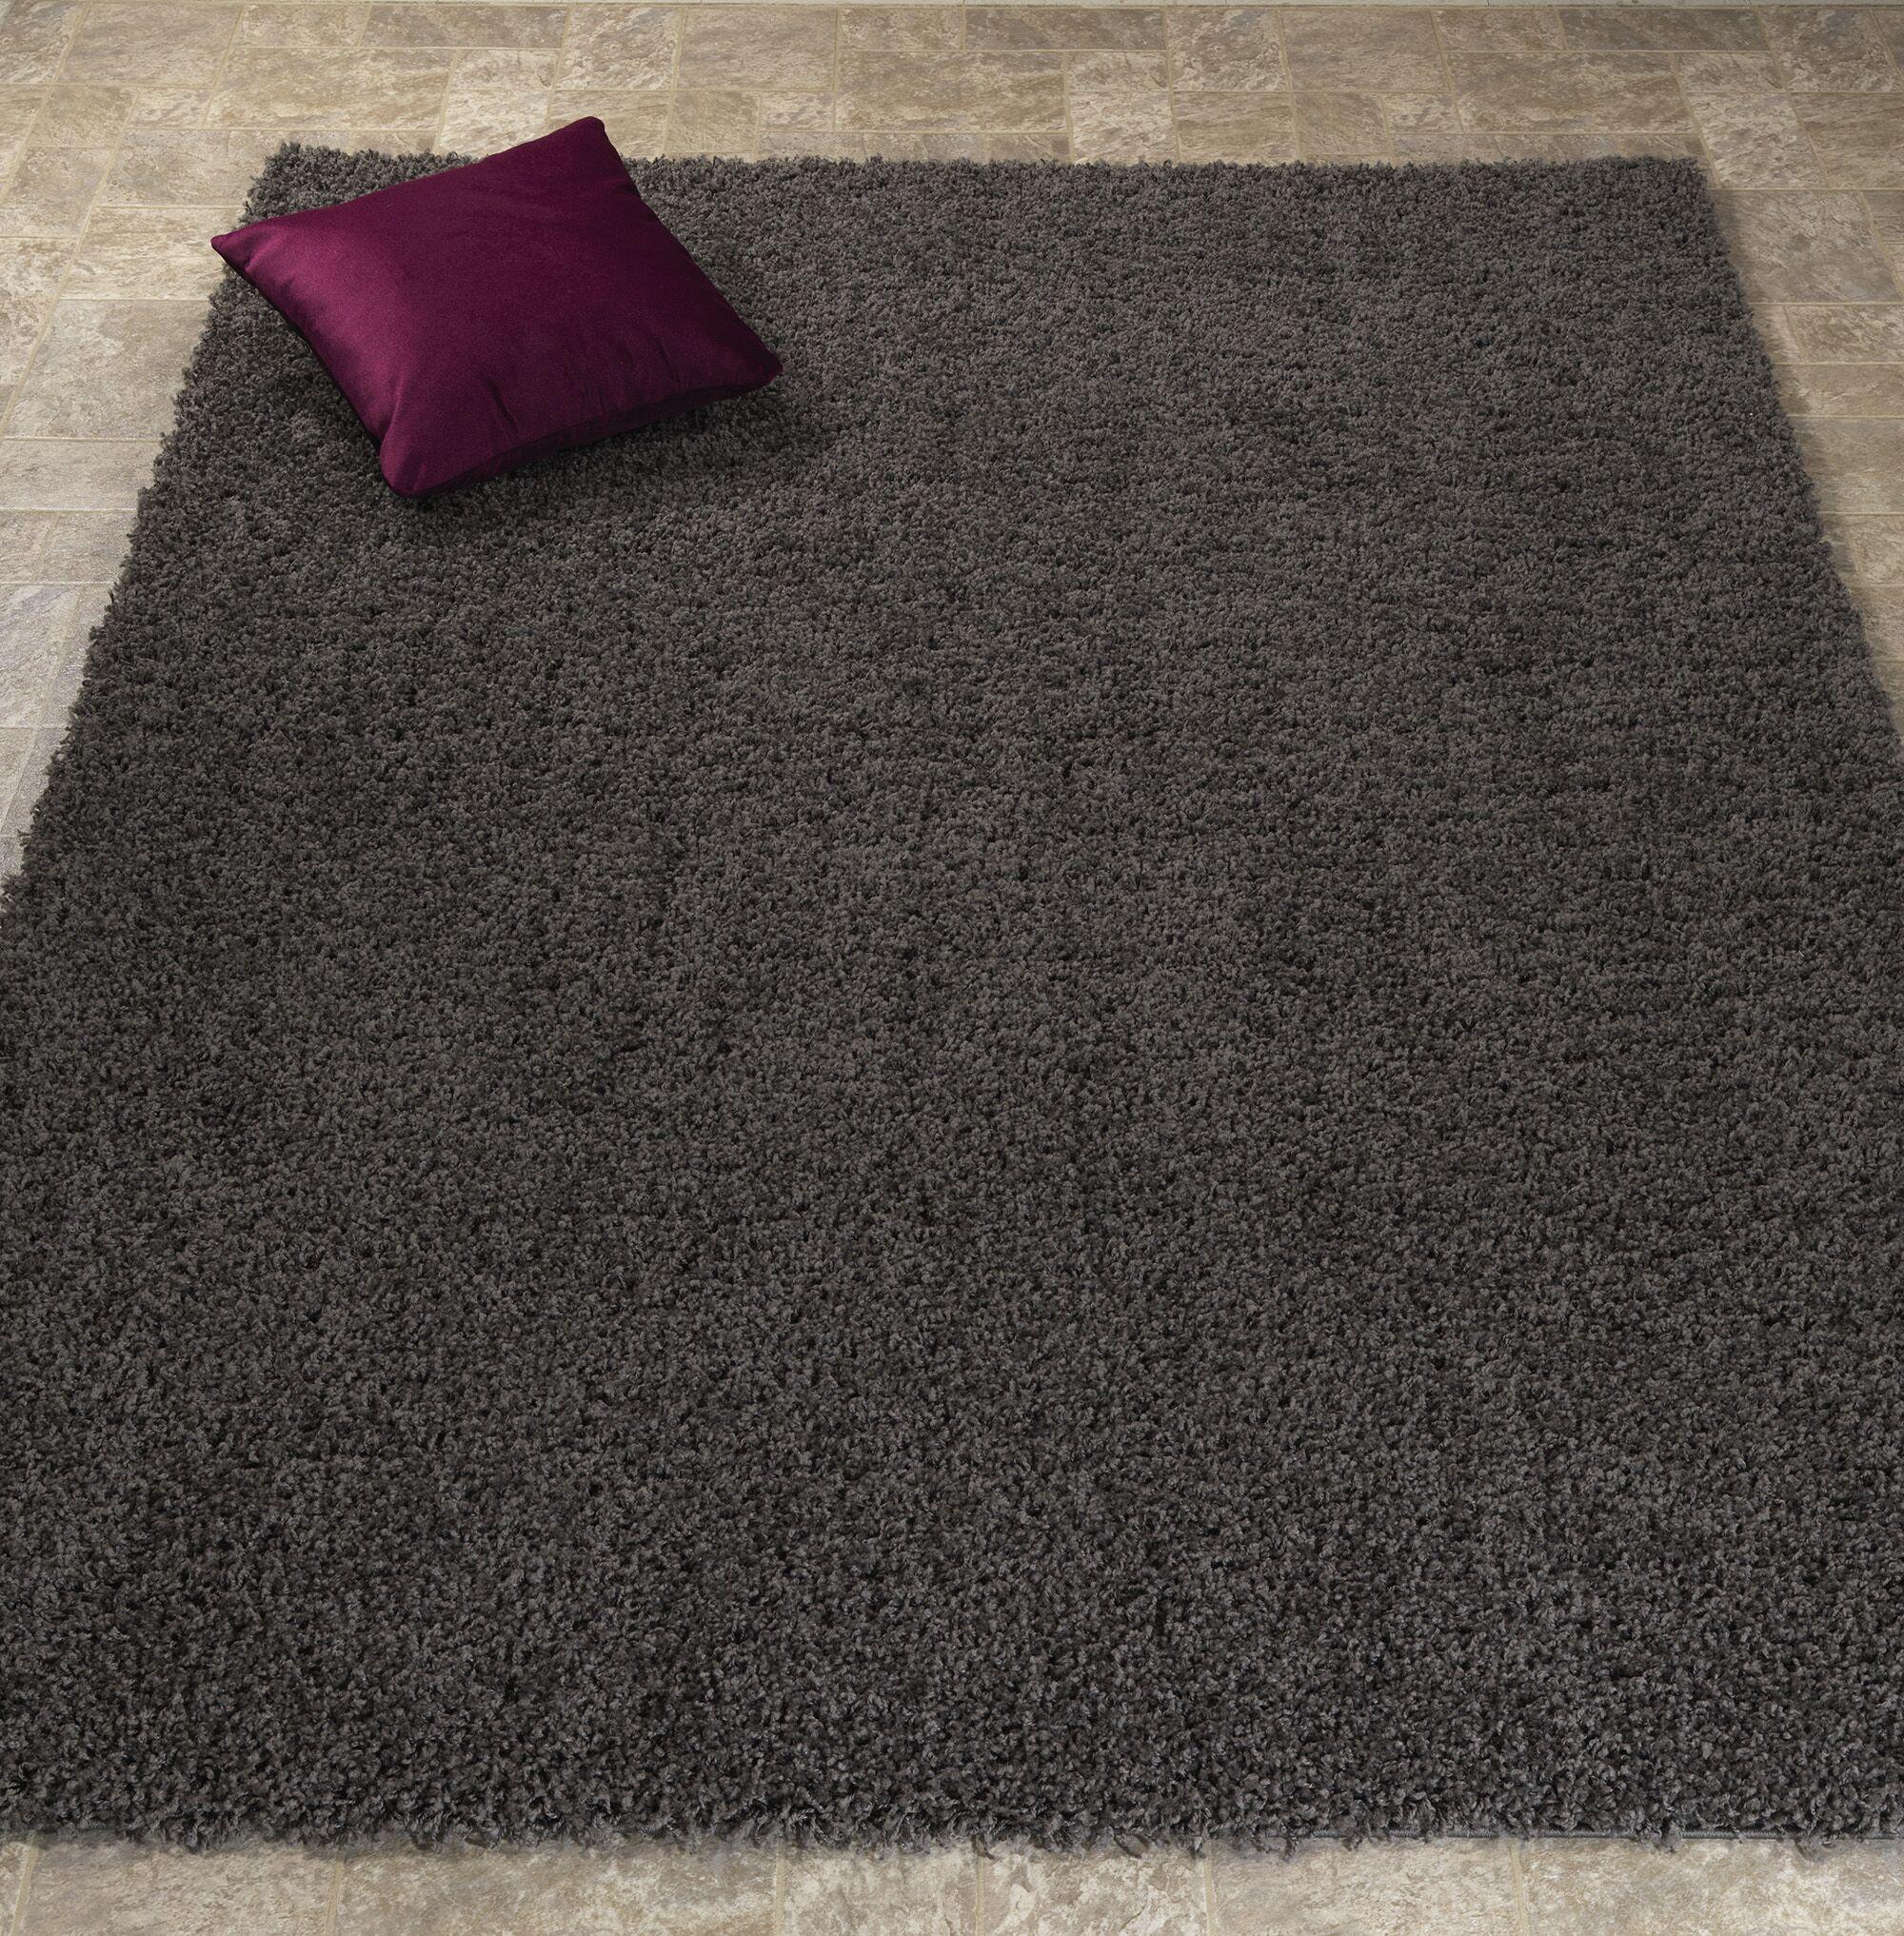 Shiiba Soft Solid Plush Shag Dark Gray Area Rug Rug Size: Rectangle 7'10